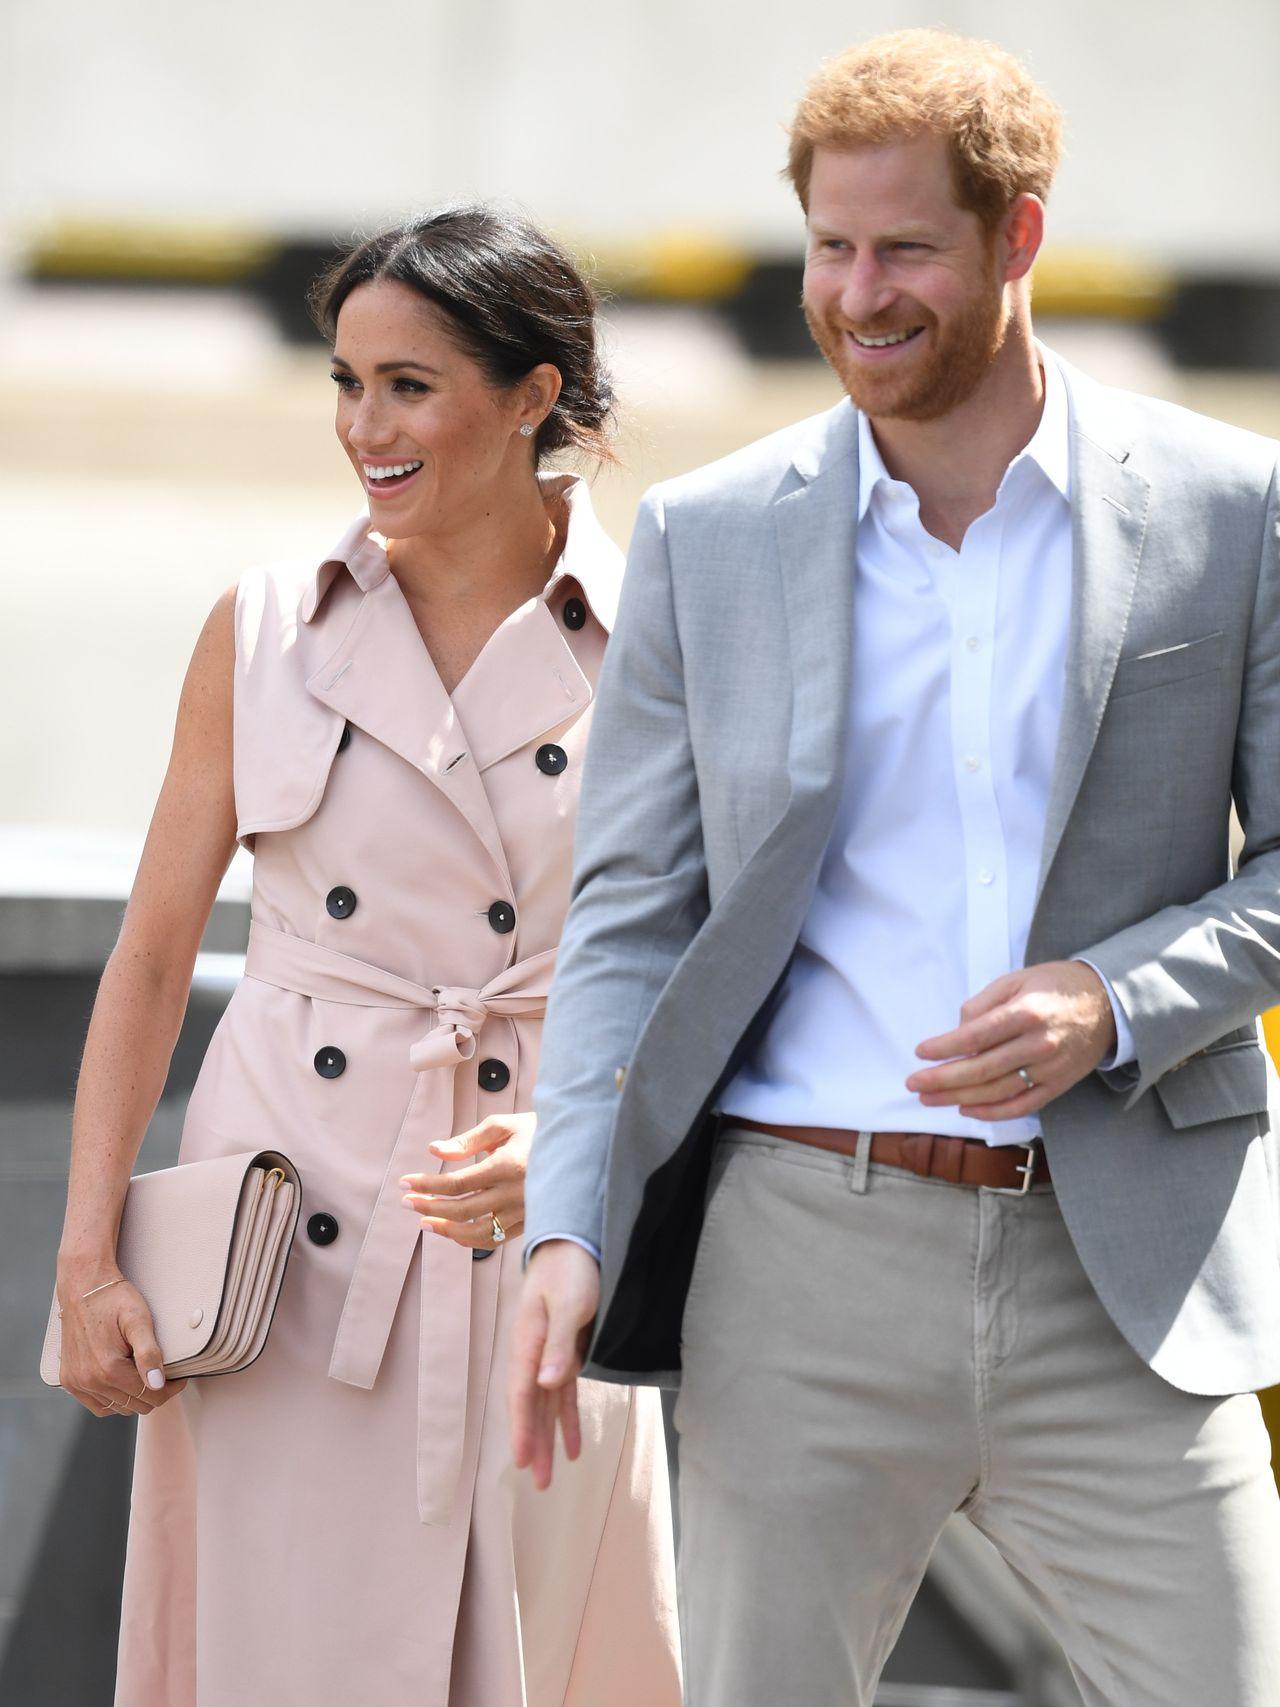 Szokujący fakt związany ze ślubem Meghan i księcia Harry'ego wyszedł na JAW!